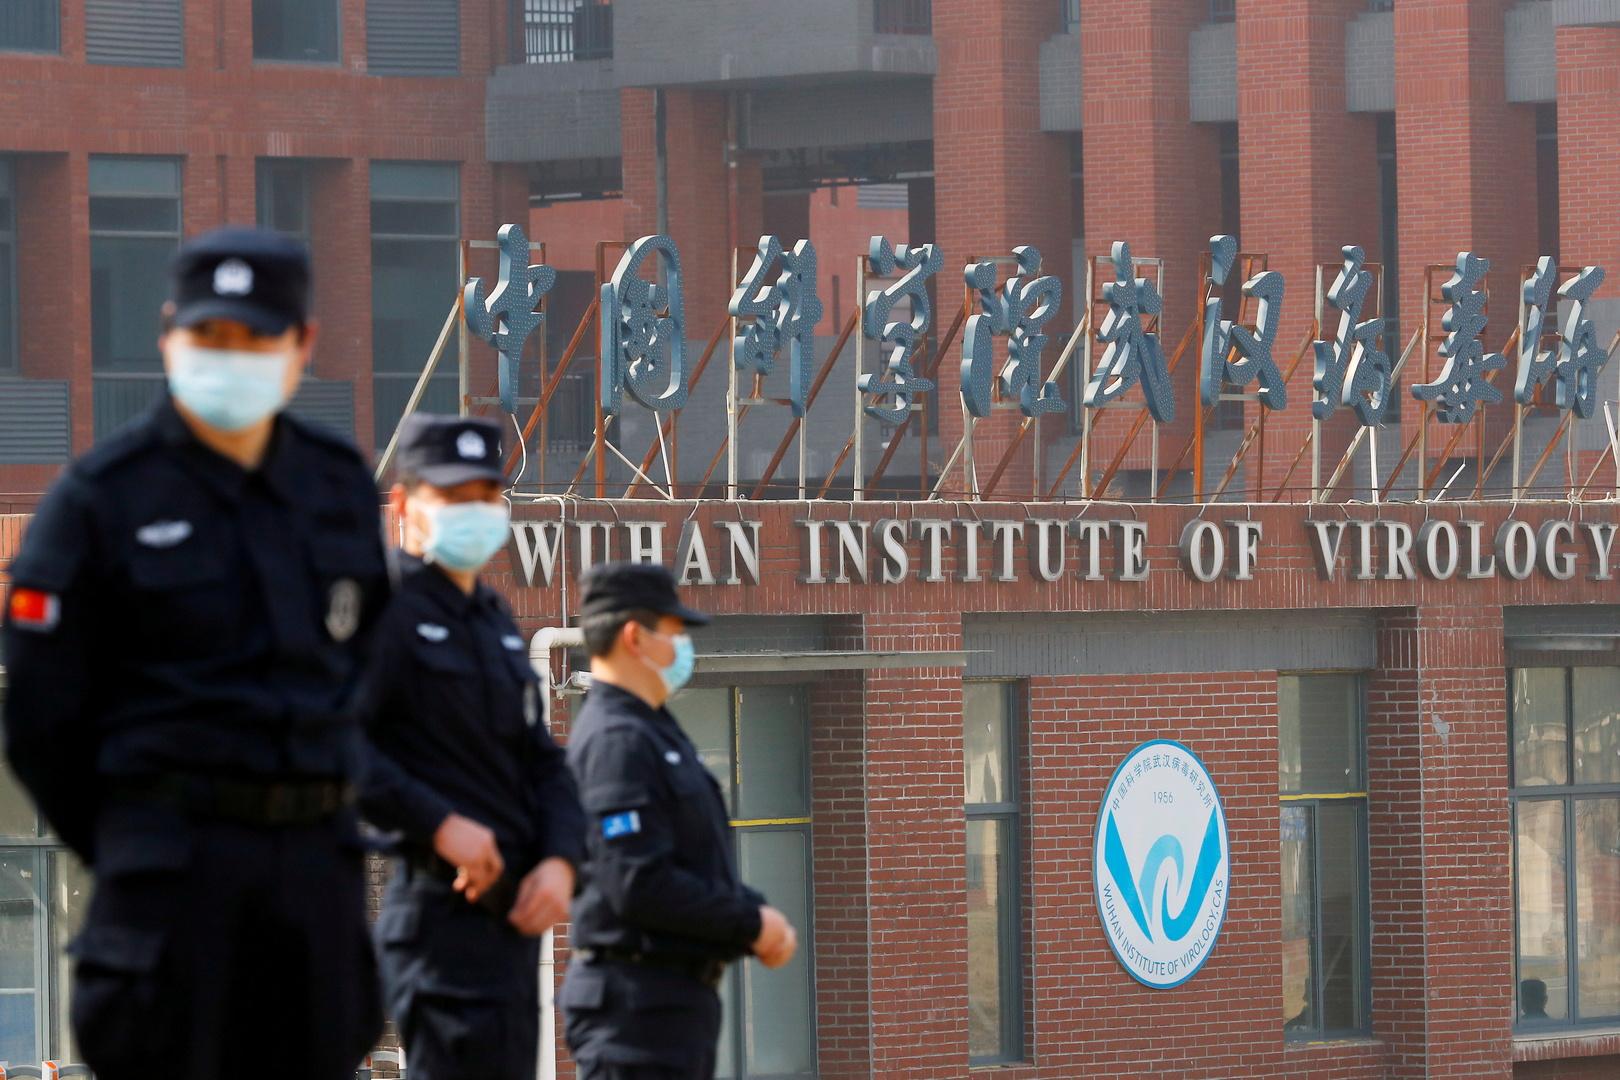 الأمم المتحدة تدعو الصين للتعاون مع منظمة الصحة العالمية